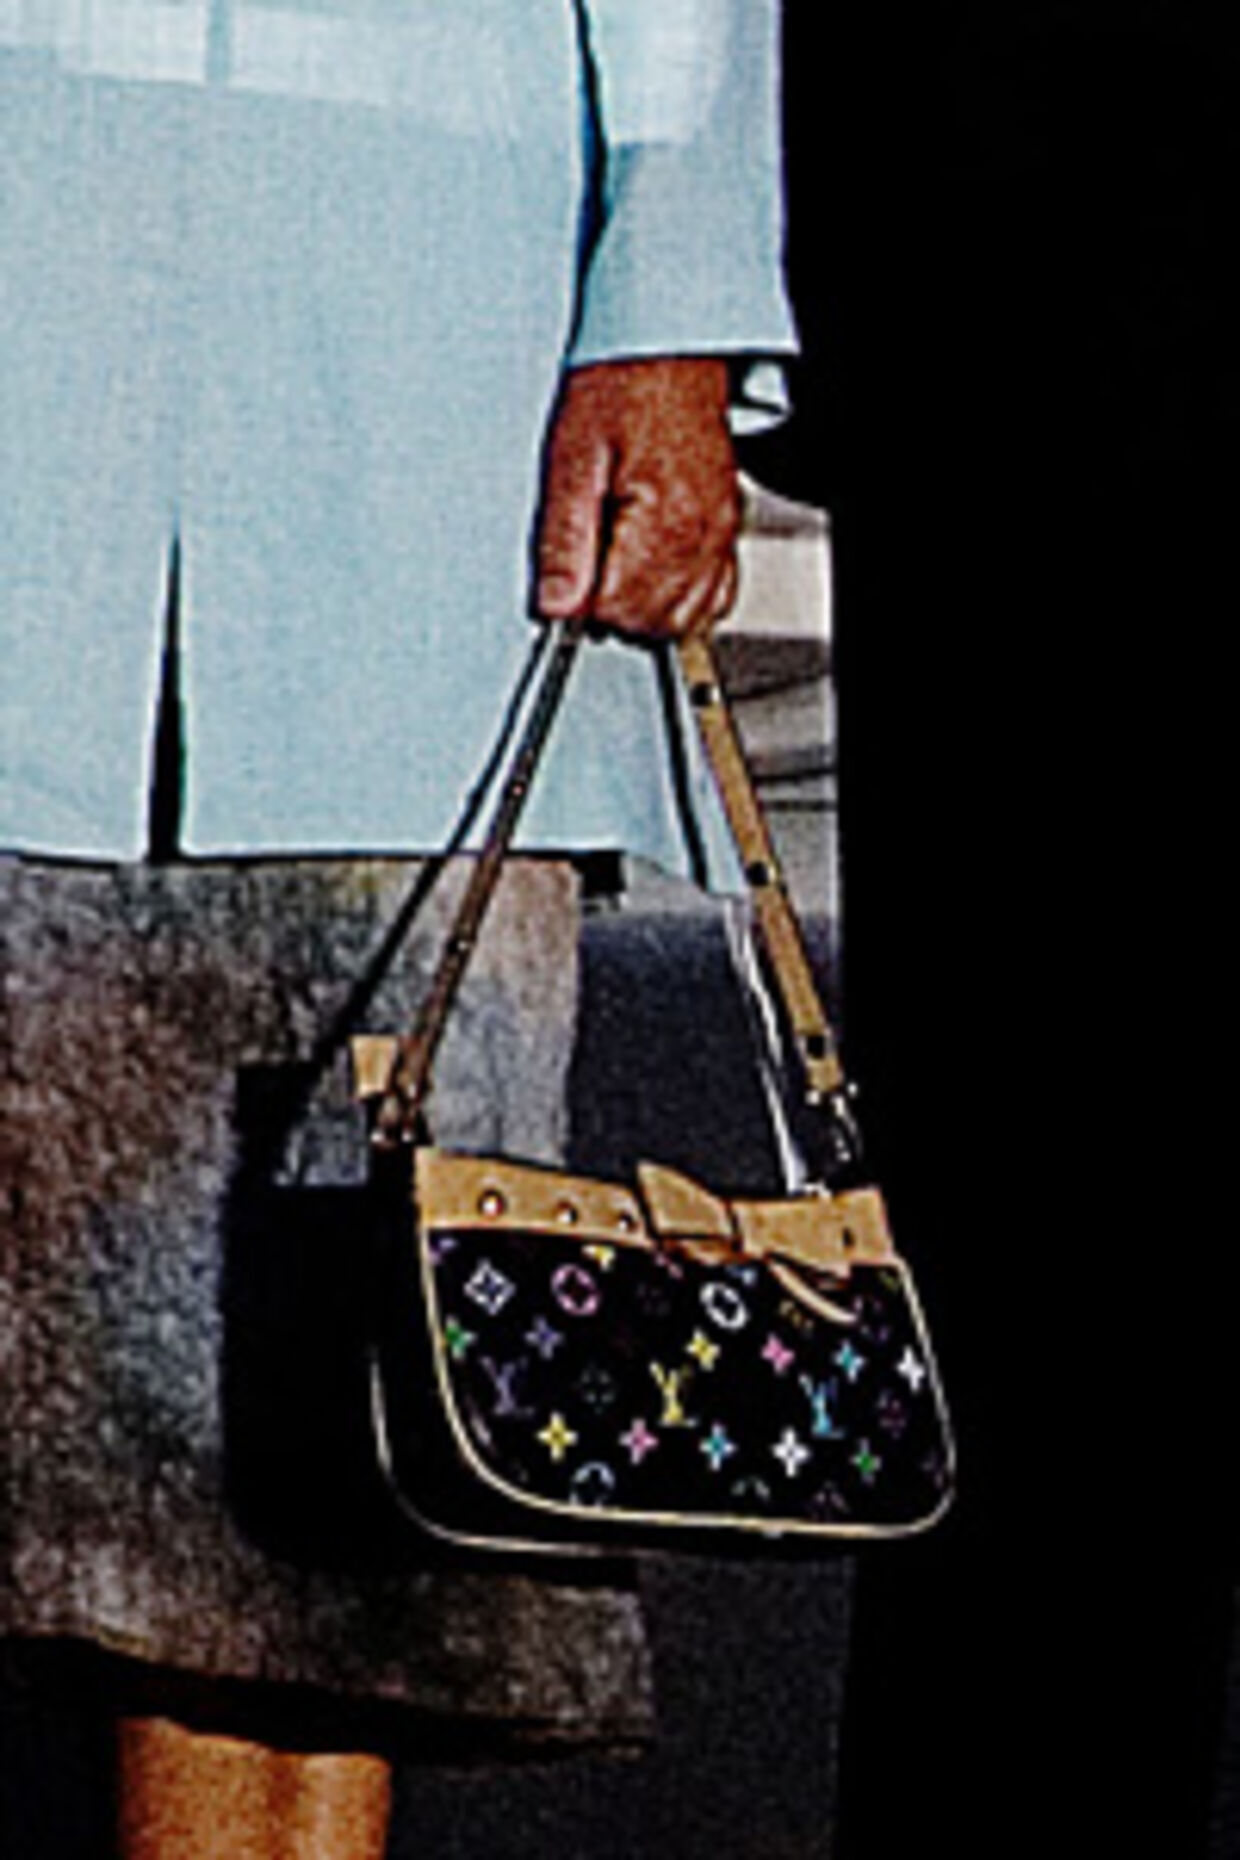 Da ledende personer i Louis Vuitton så nærbilledet af Anne-Mette Rasmussens taske, var de ikke i tvivl om, at der er tale om en kopi. For eksempel er mønstret forkert, læderkanten er for bred og så er der slet ingen sløjfe på den originale taske.<br>Foto: Claus Bjørn Larsen